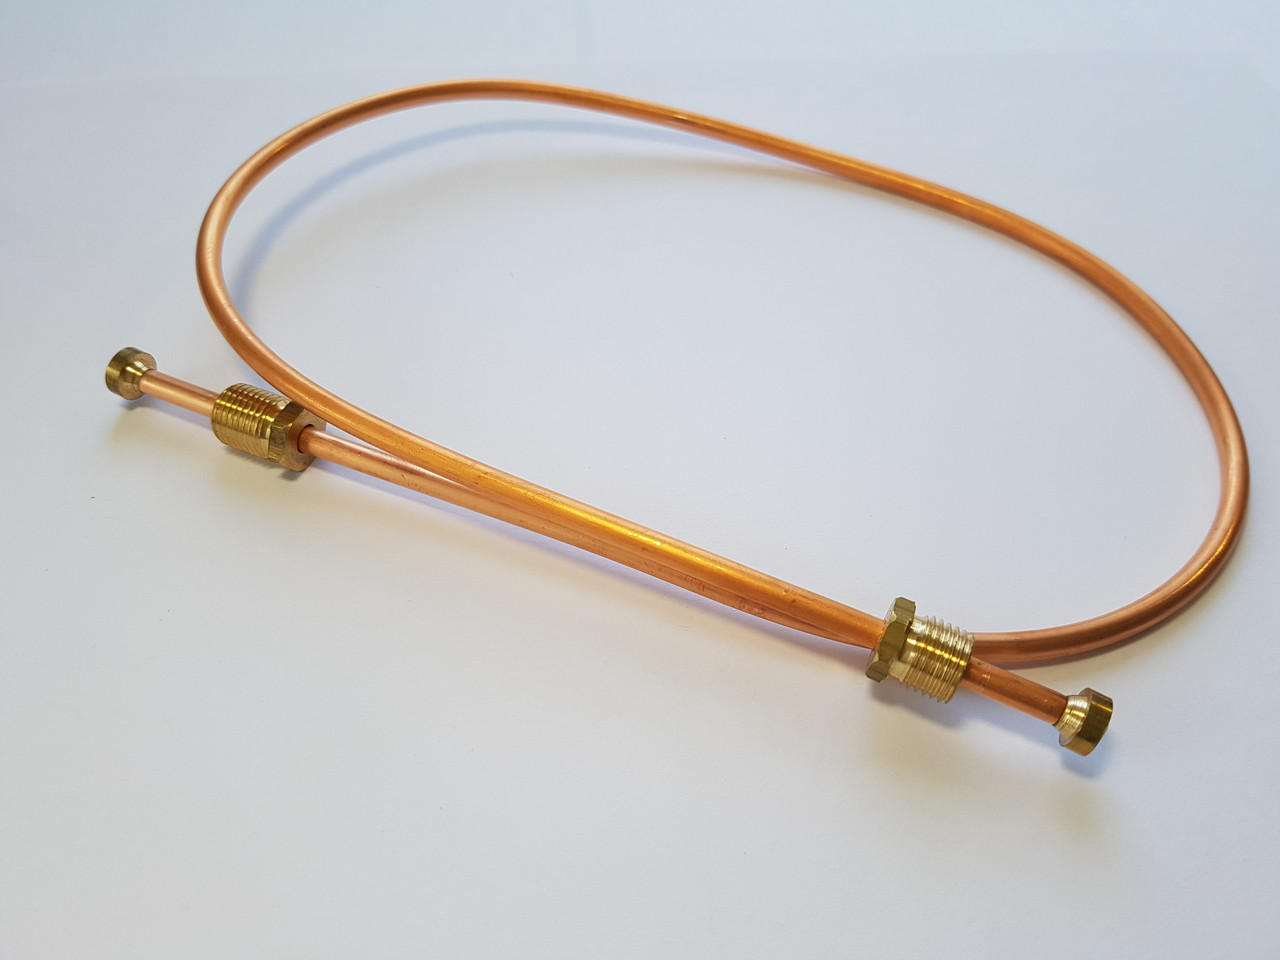 Трубка запальника Honeywell L-600 d-4 mm. М10*1 - М10*1 Термопром Жовті Води Termoprom